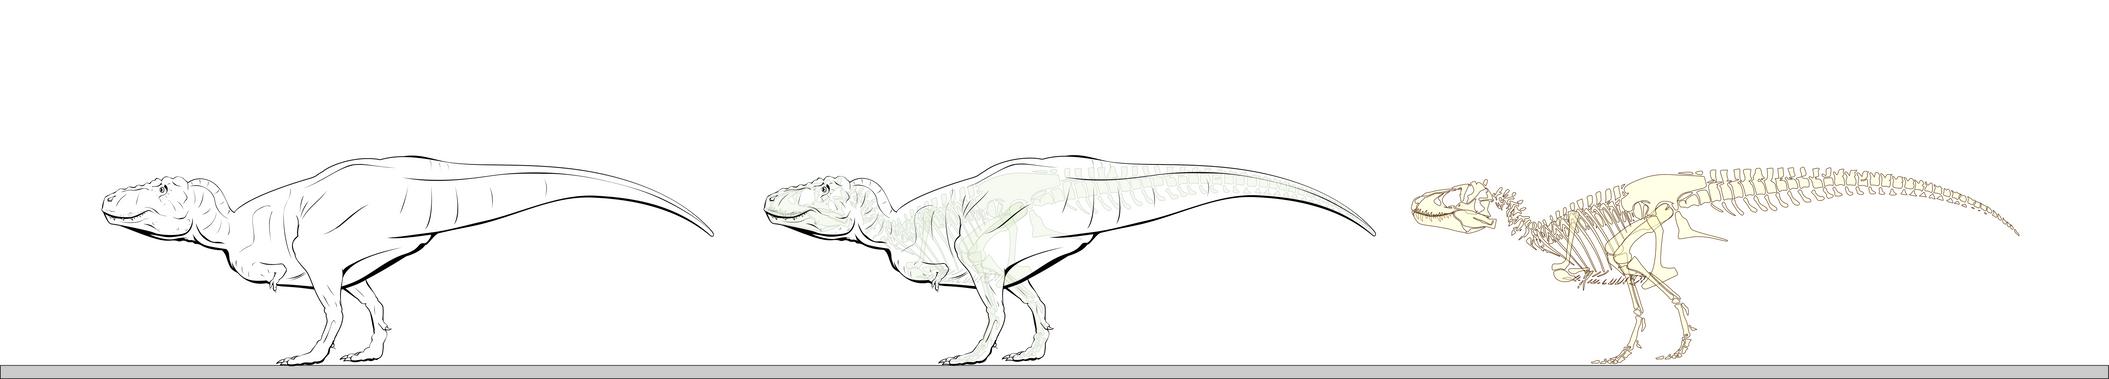 WIP new T Rex. by oghaki